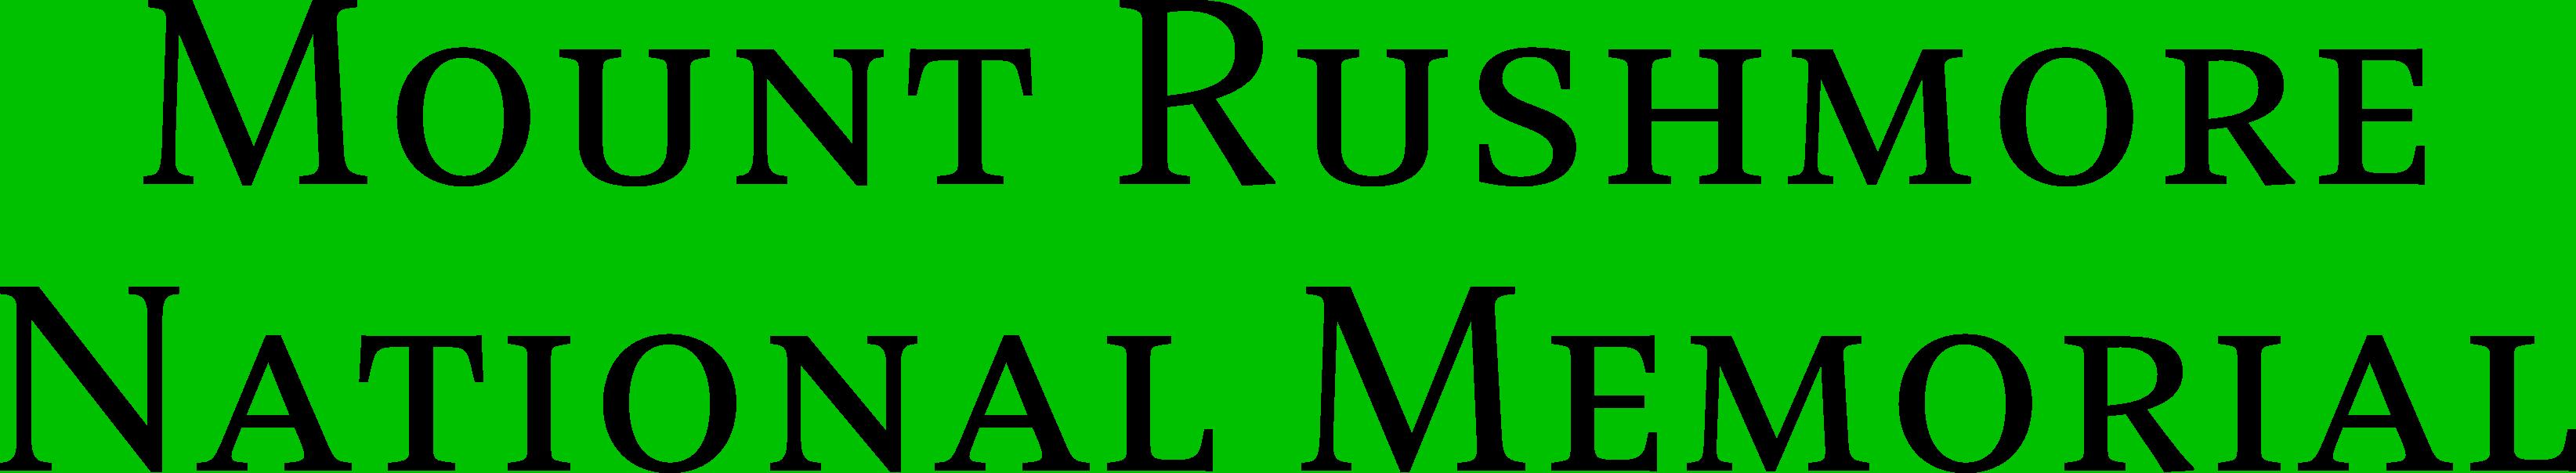 Image-rushmore